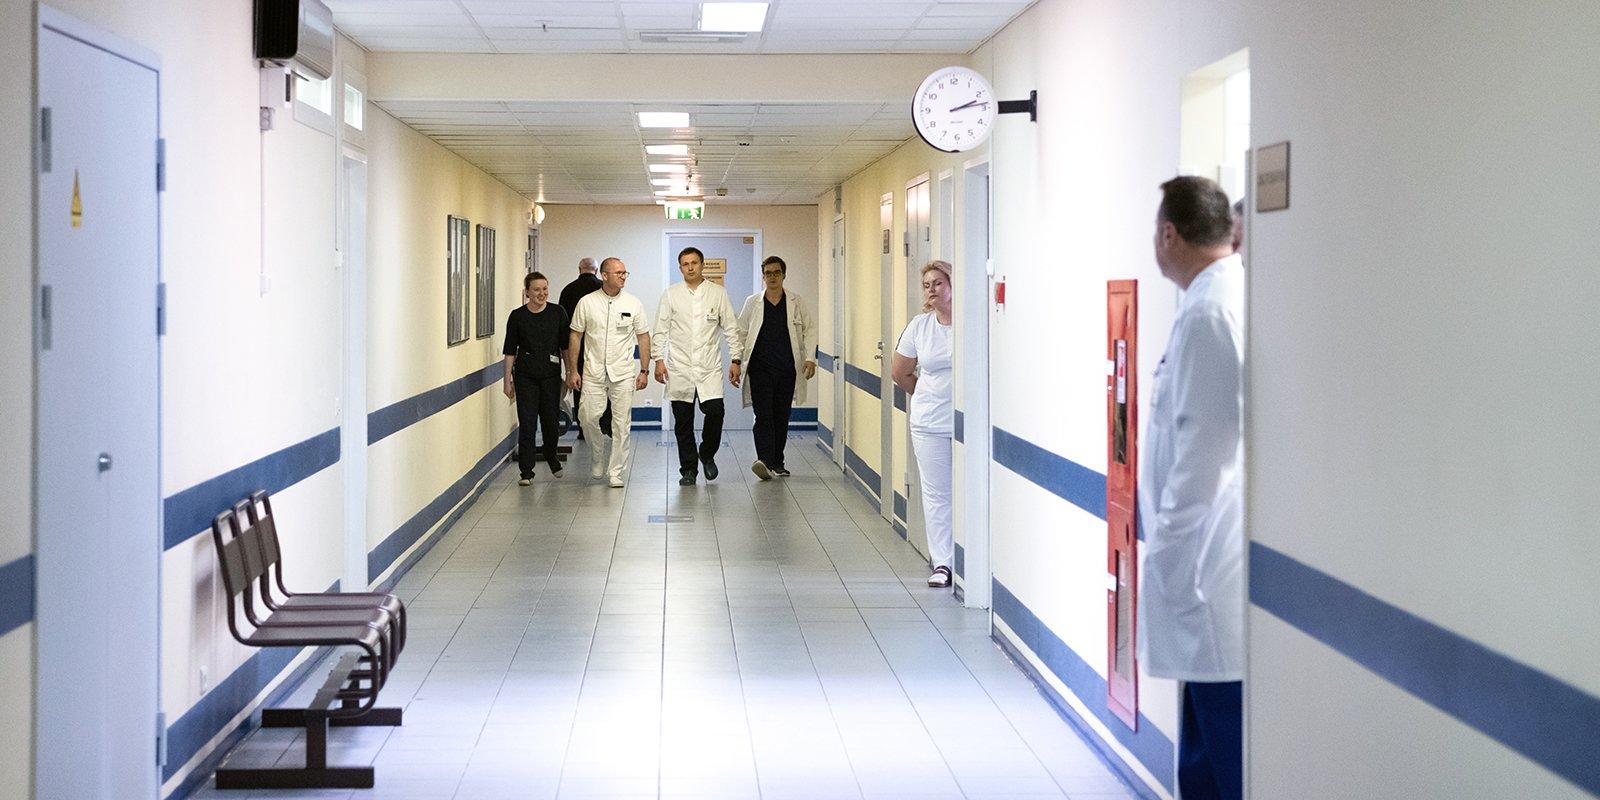 По 50 вызовов в день: Нагрузка на ростовские поликлиники возросла в 10 раз